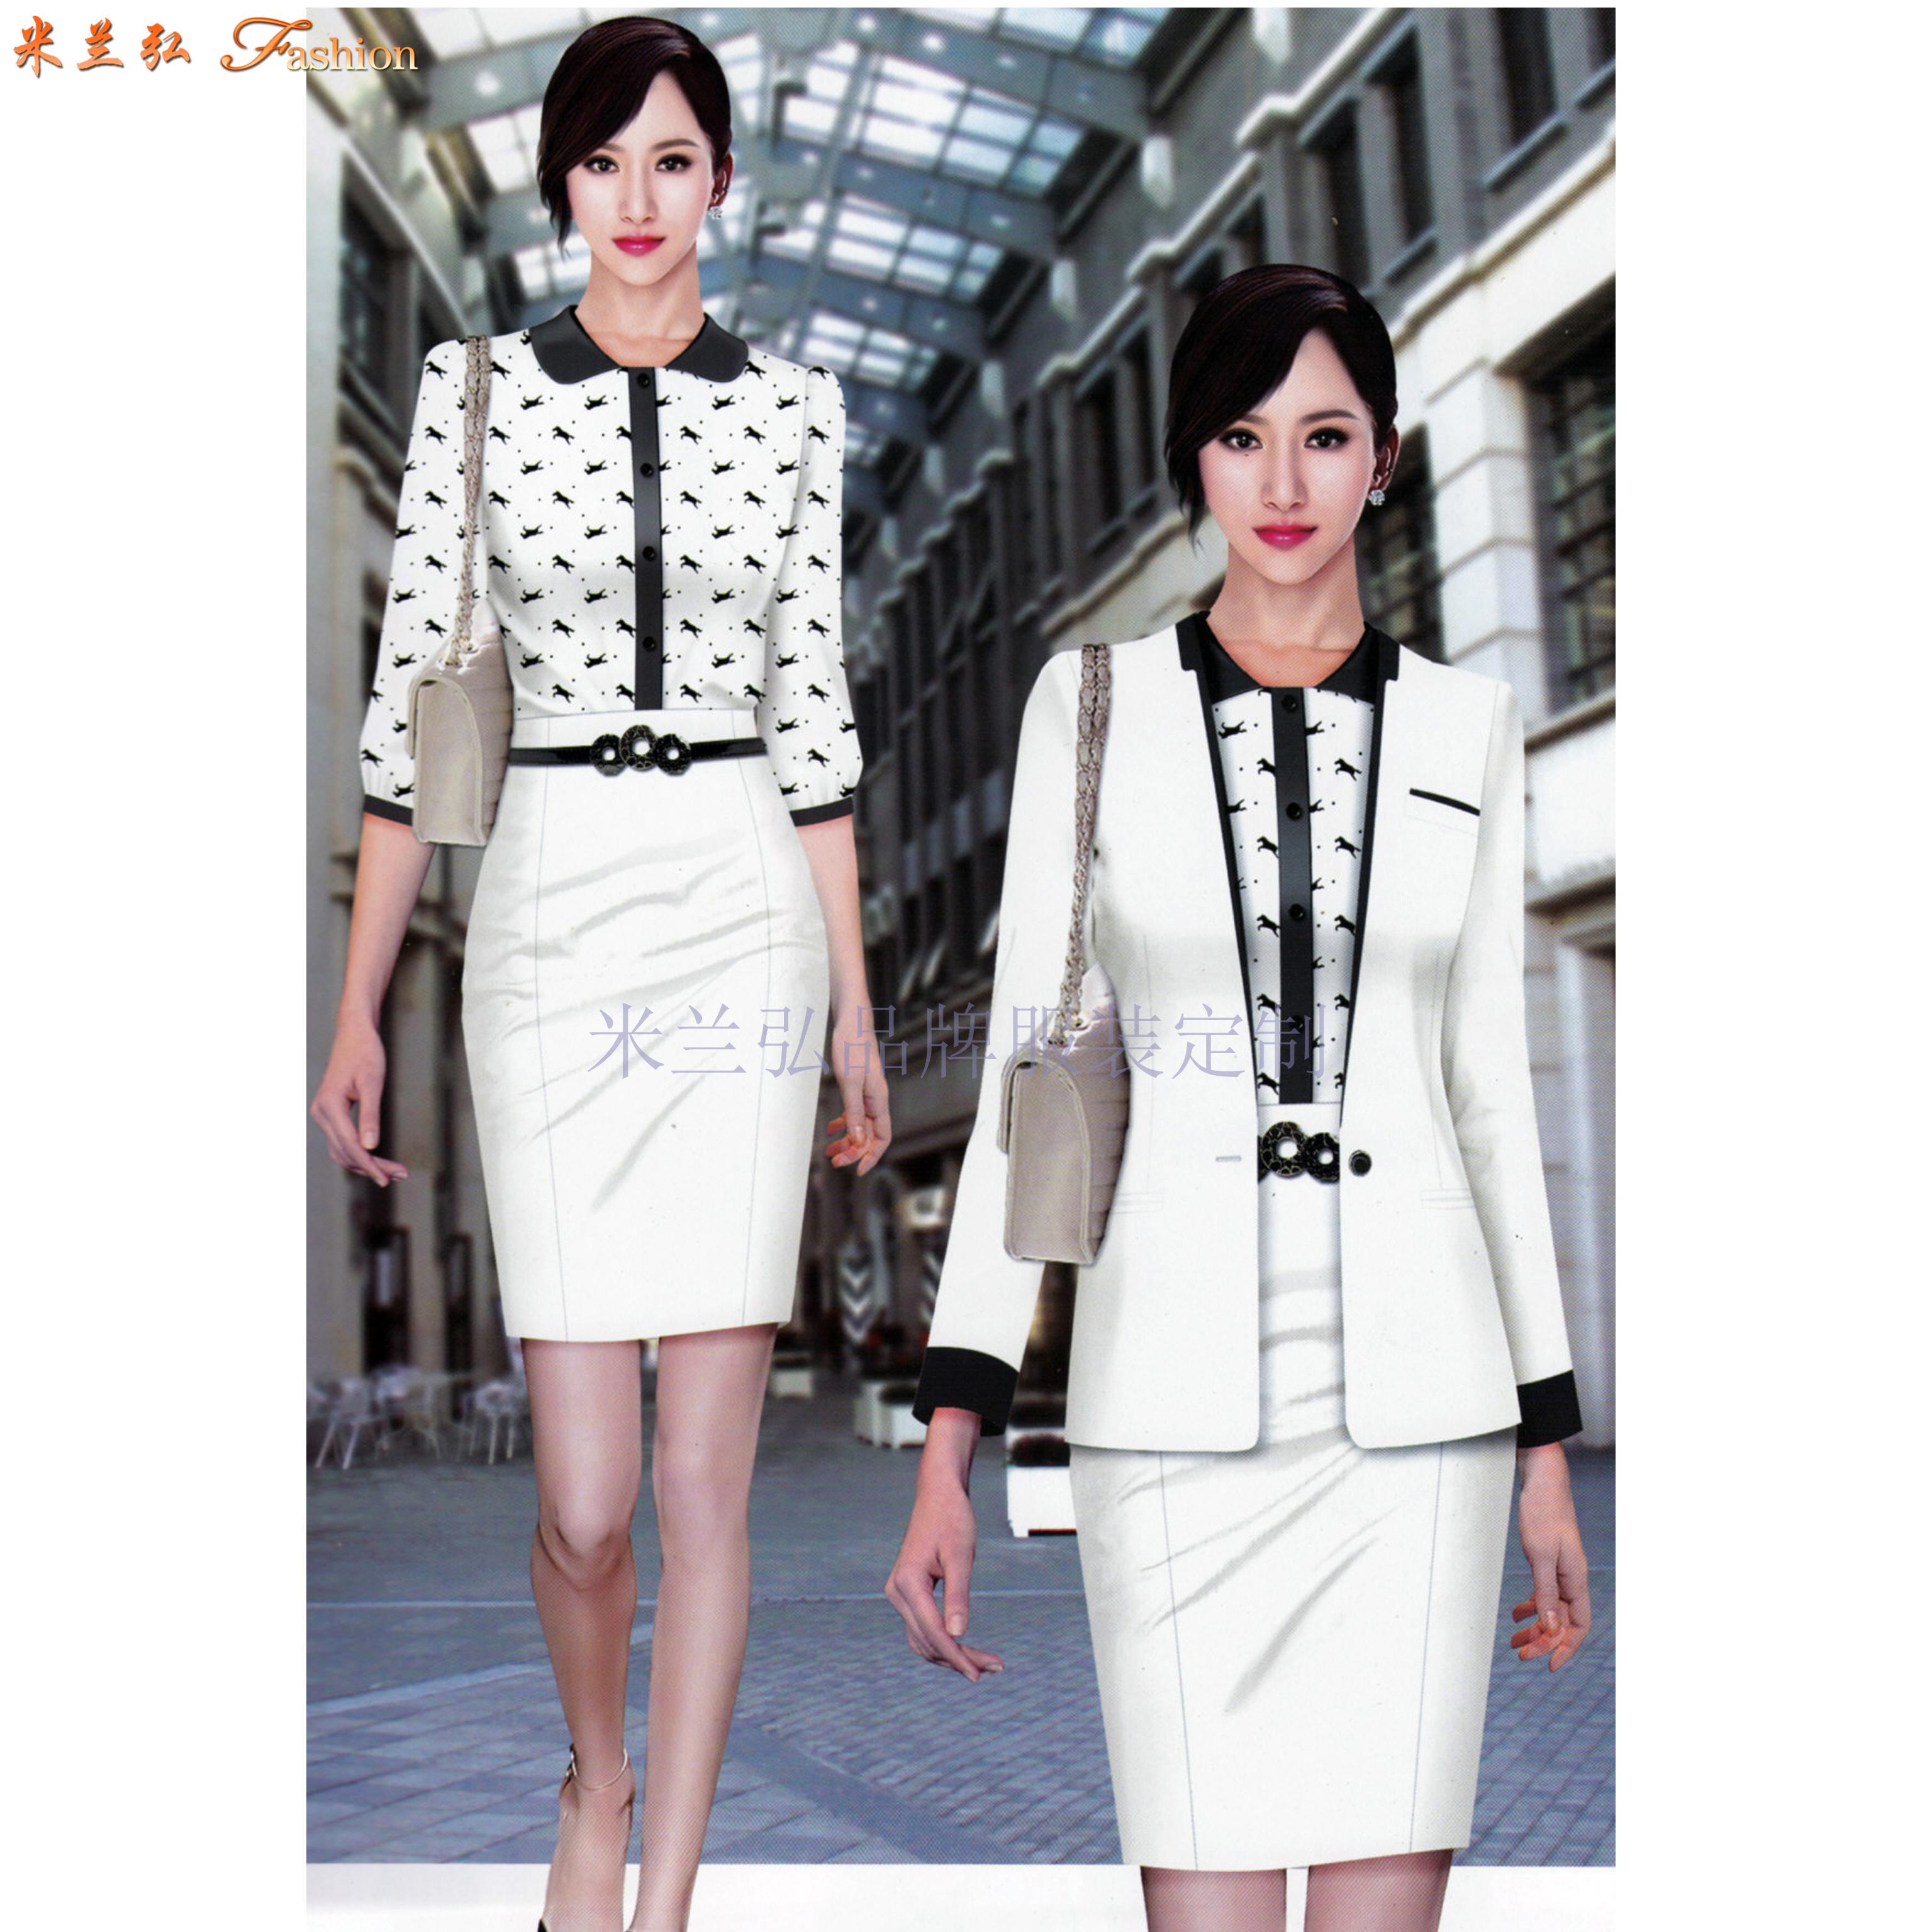 「時尚職業裝」貨真價實、式樣時髦、的服裝廠家-米蘭弘品牌-2